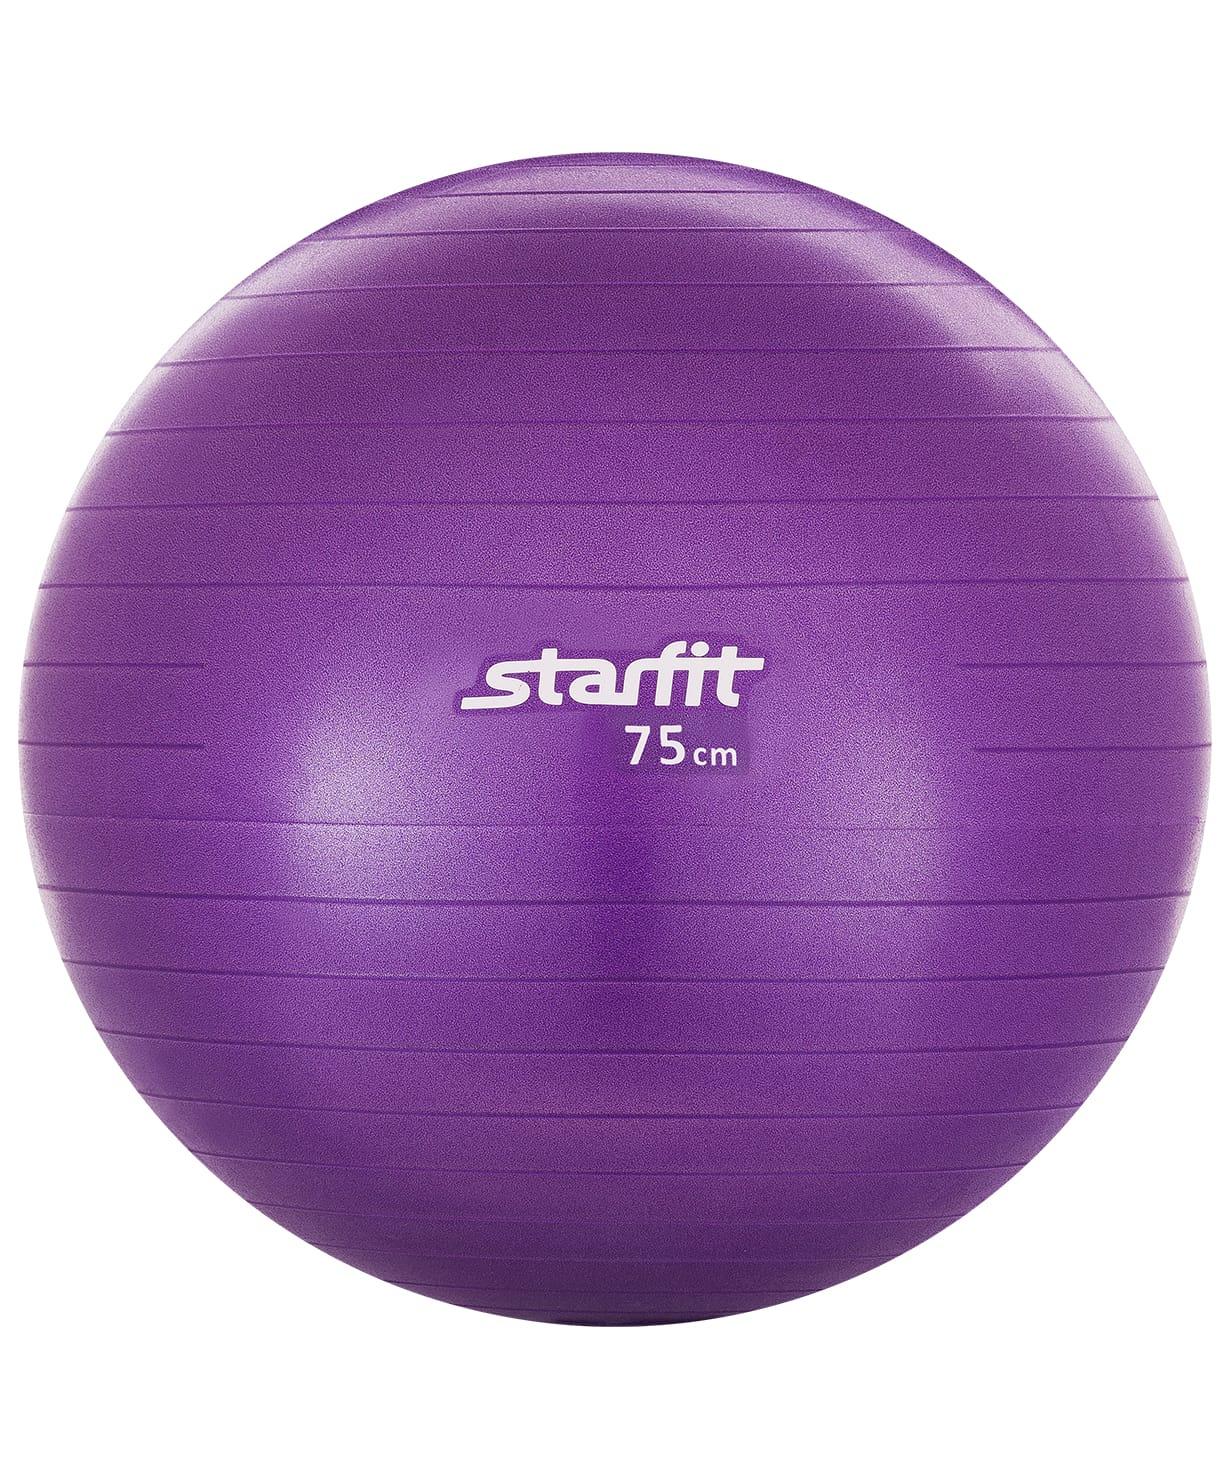 Мяч гимнастический STARFIT GB-101 75 см, фиолетовый (антивзрыв) starfit мяч гимнастический массажный gb 301 65 см фиолетовый антивзрыв